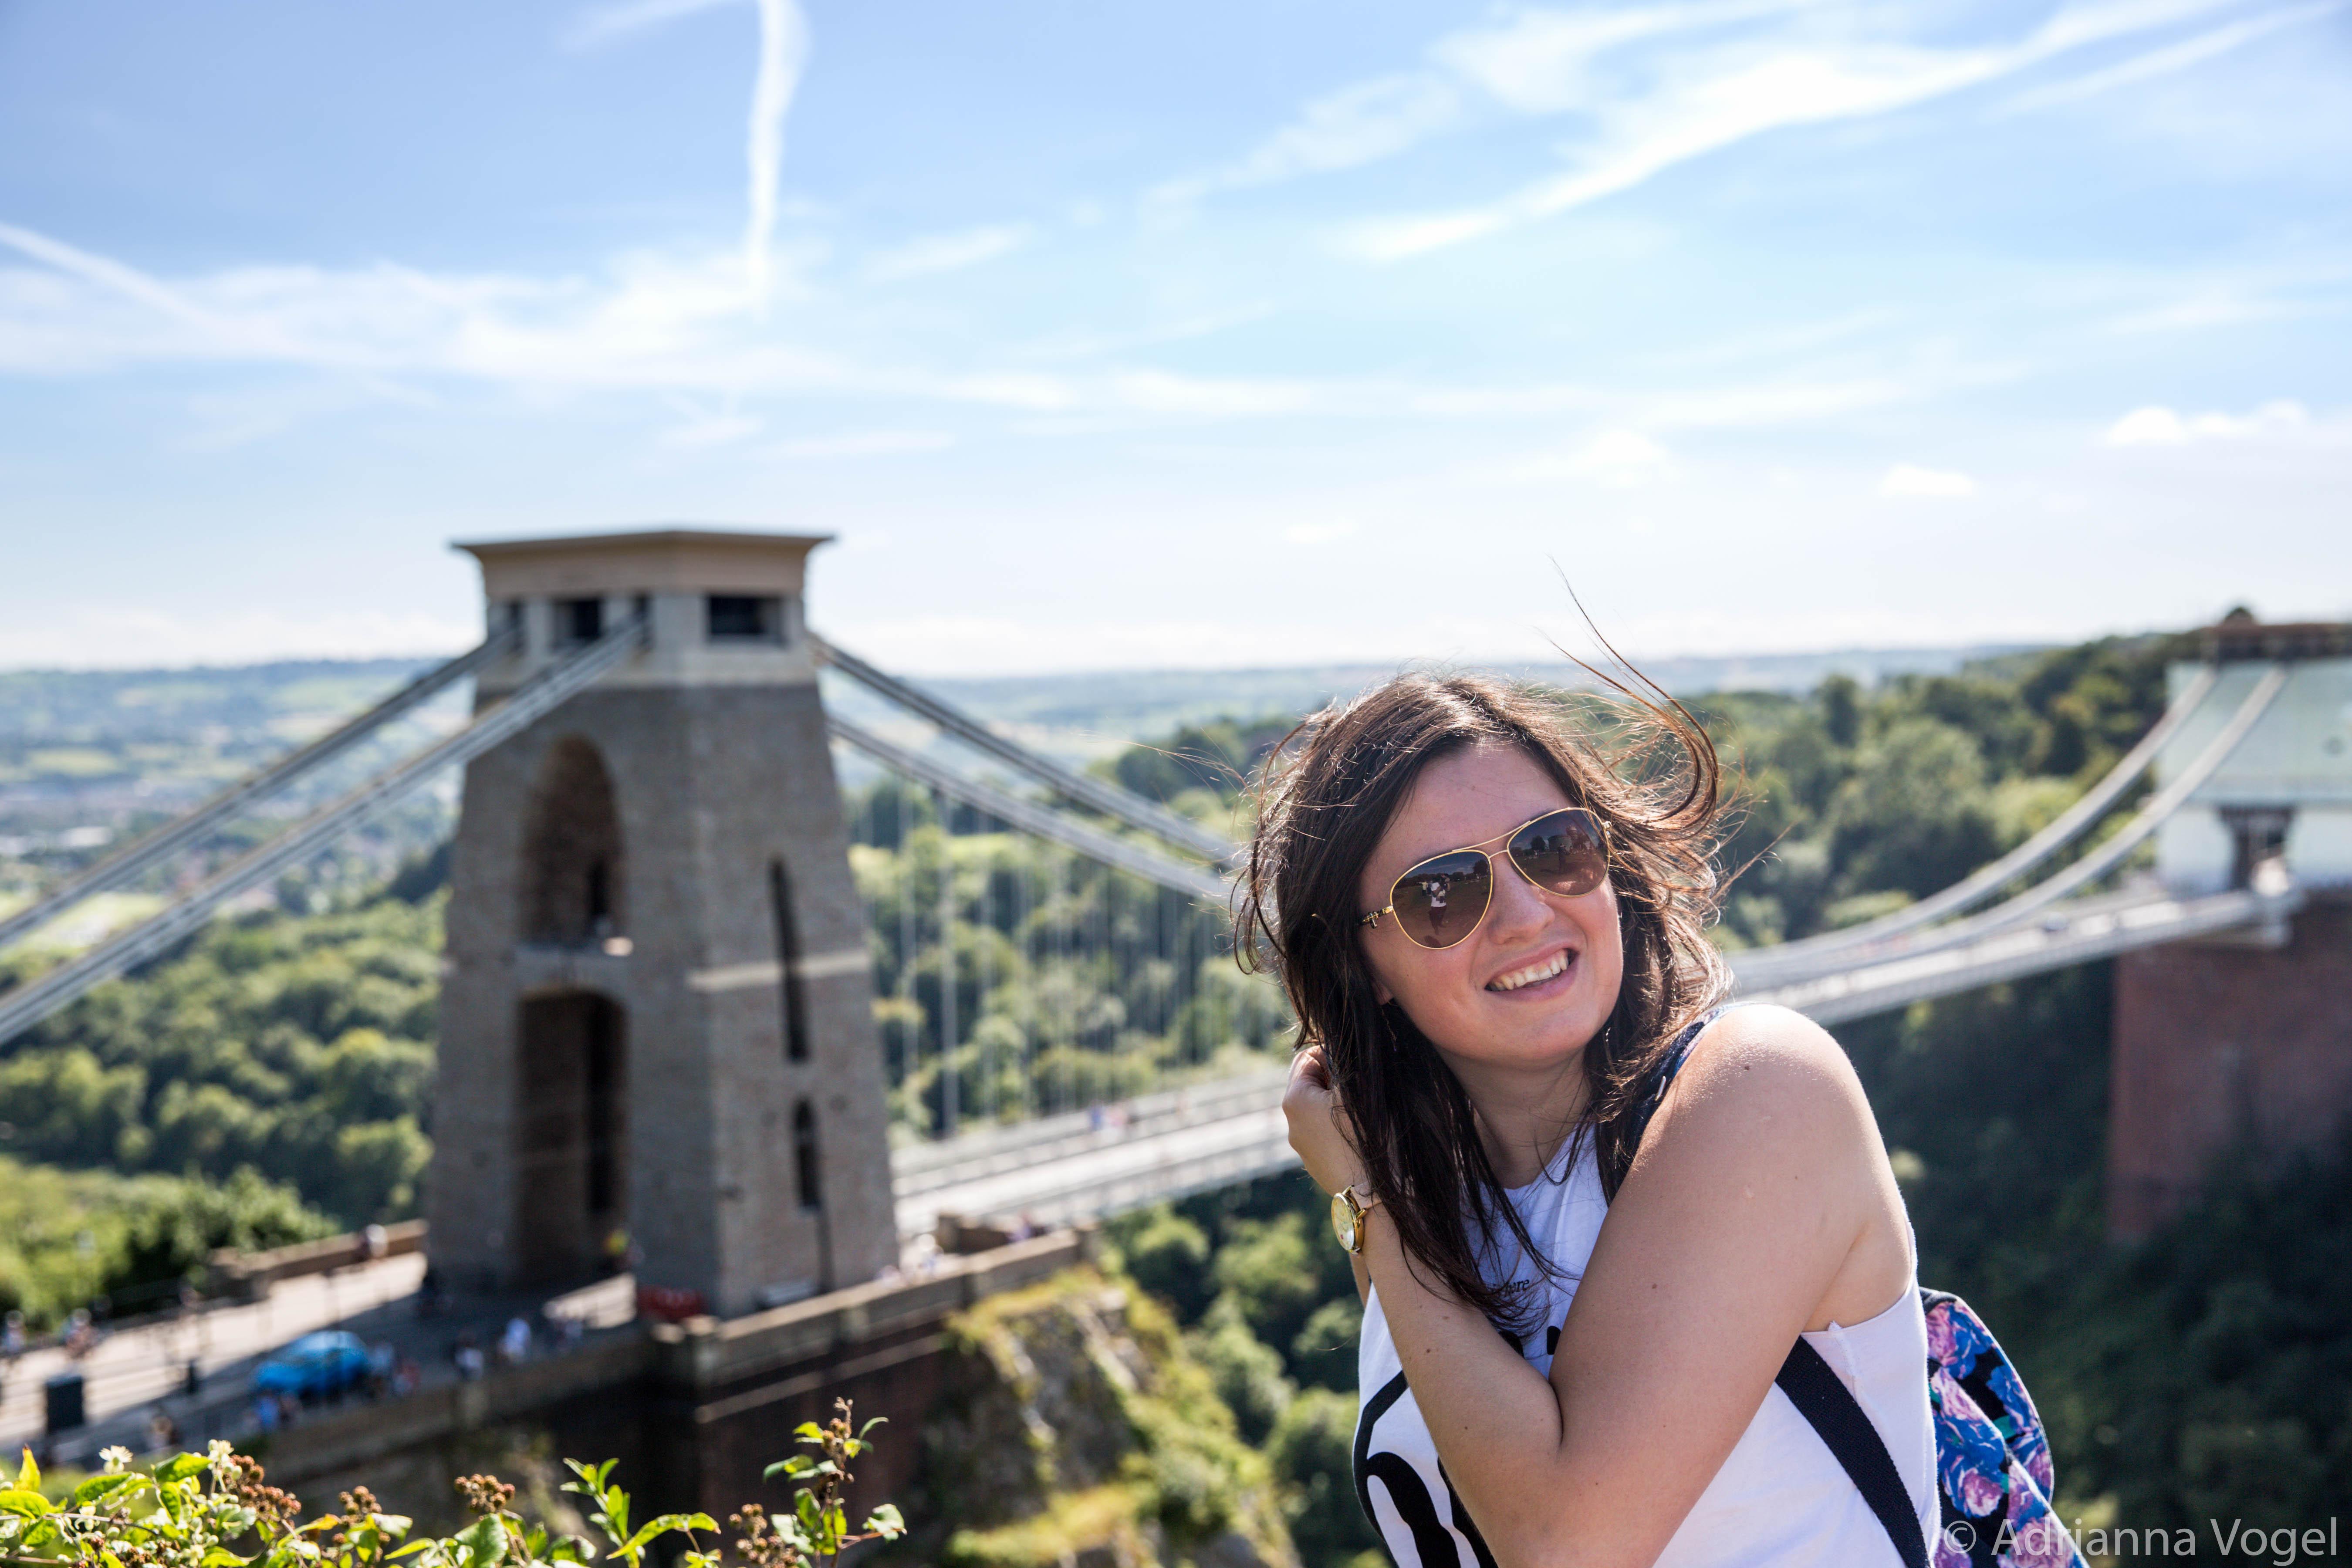 The Clifton Suspension Bridge